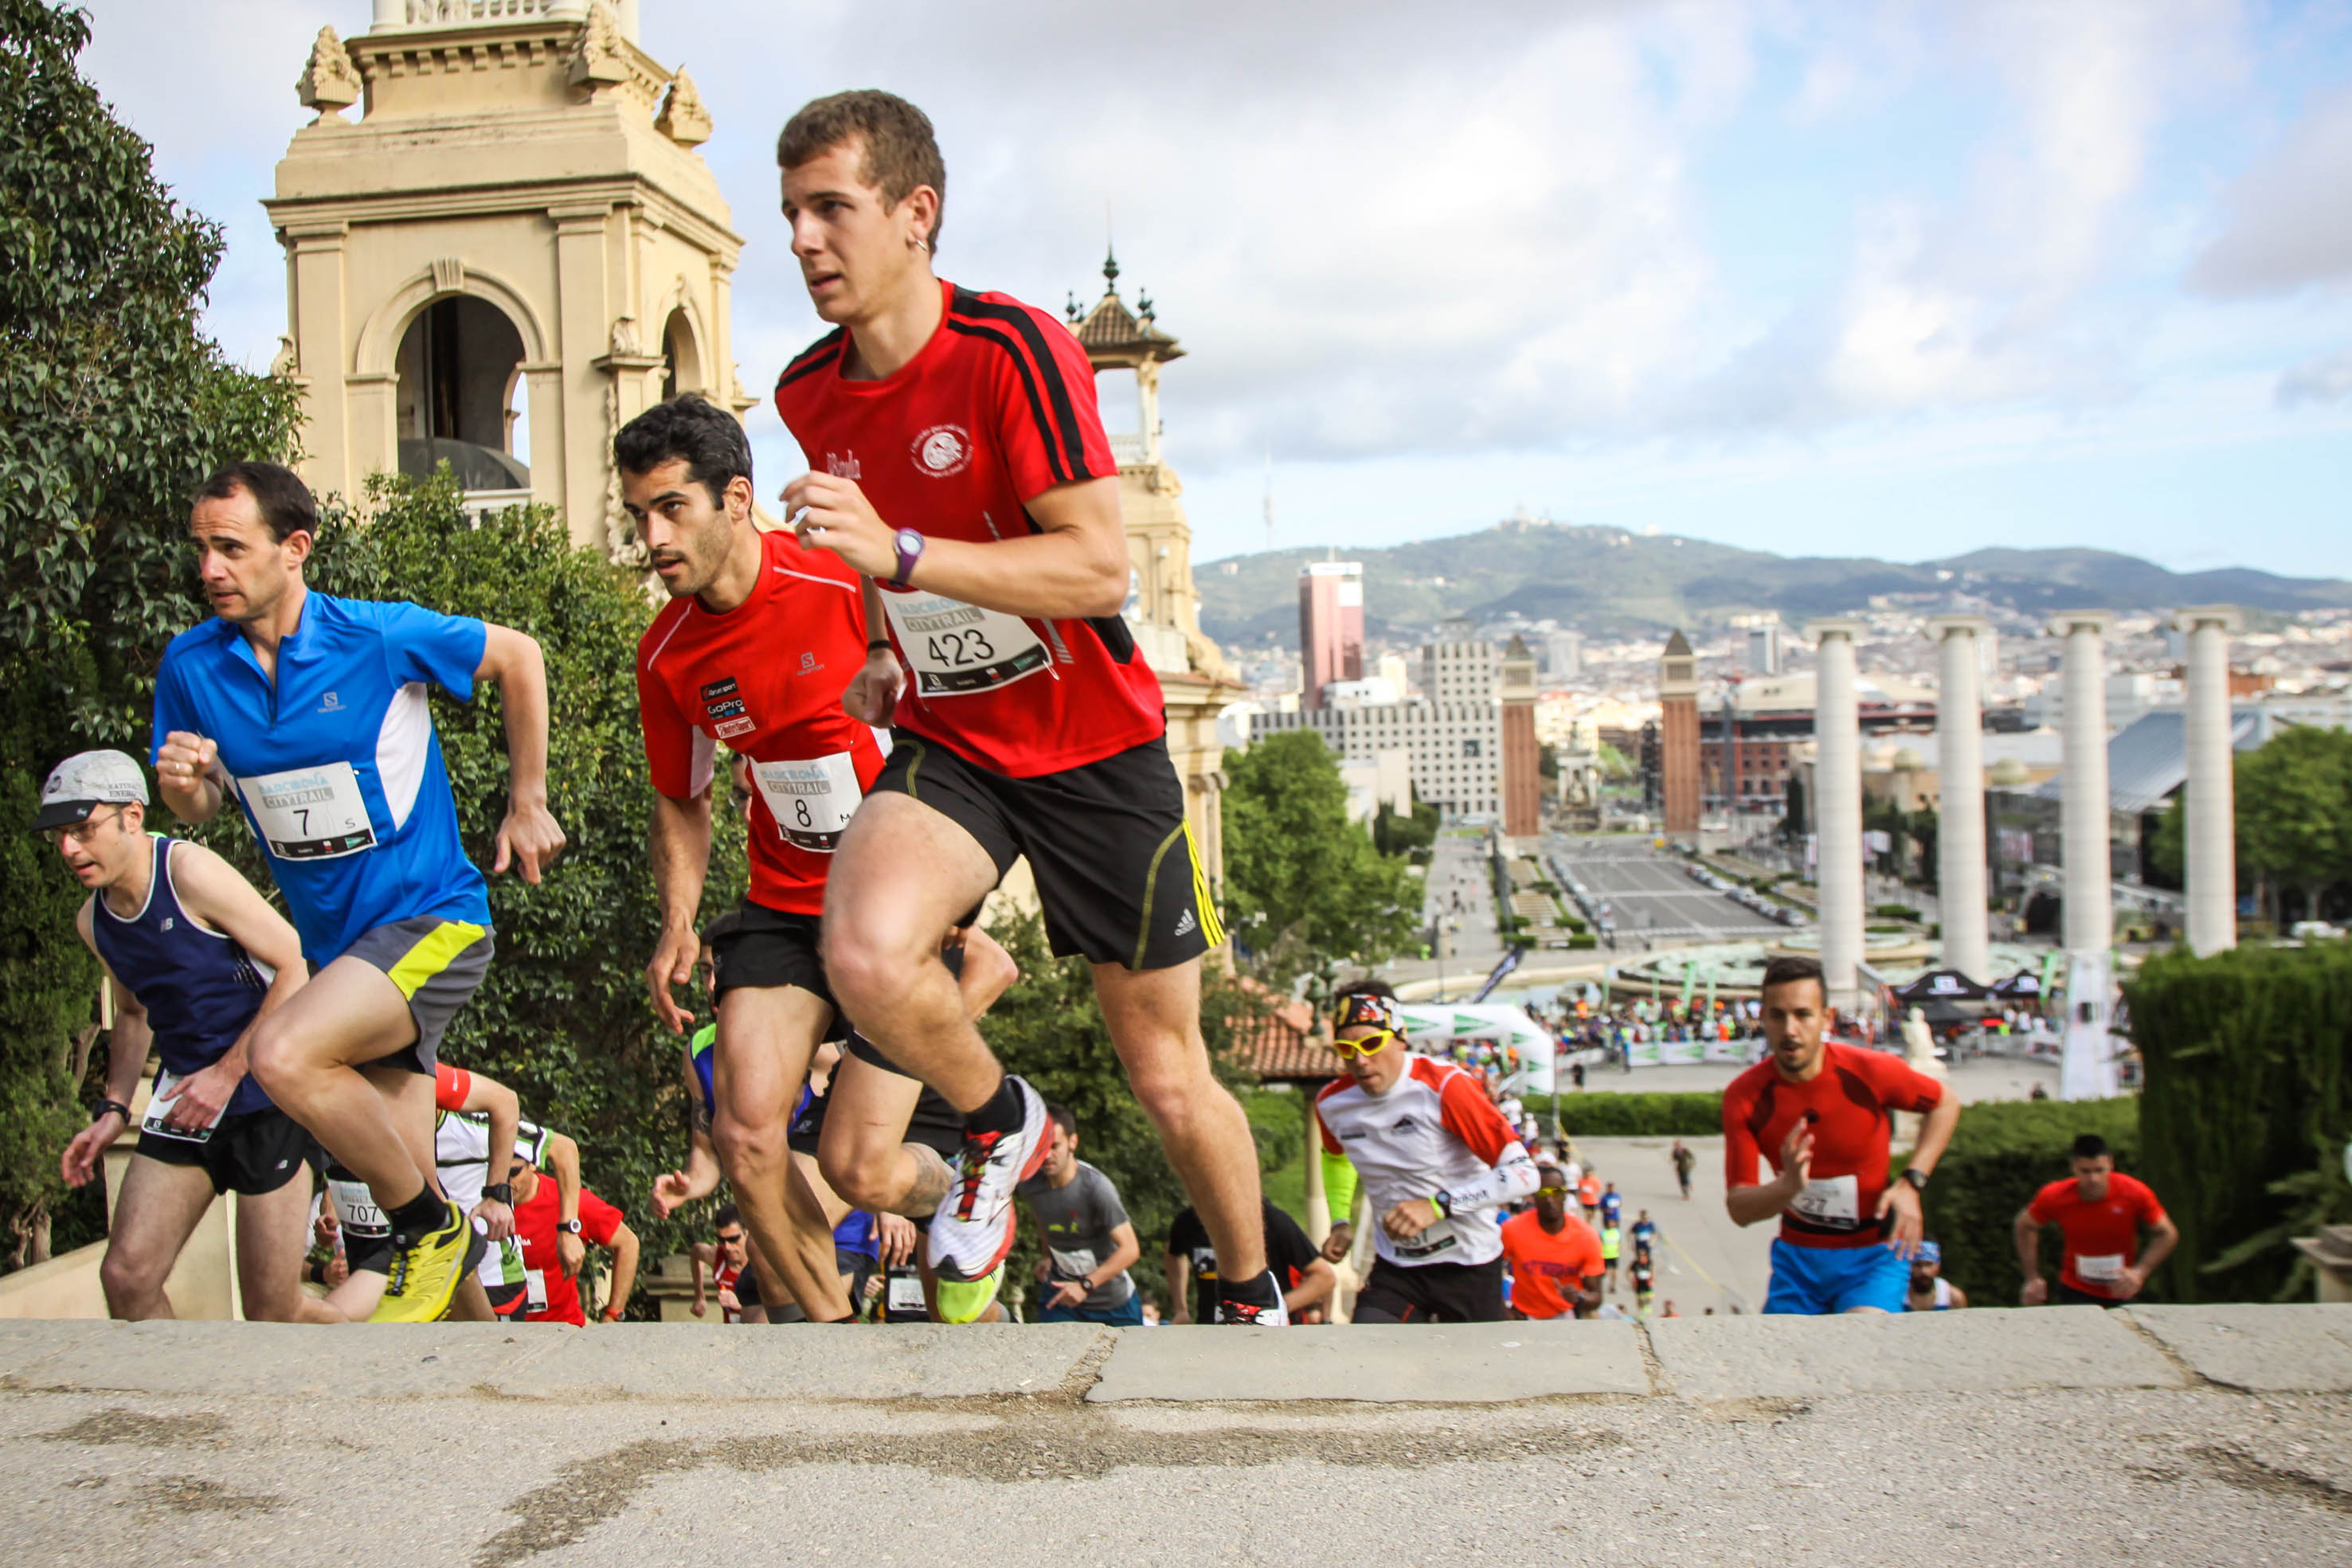 El 19 d'abril arriba l'aventura del running amb la Salomon Run Barcelona